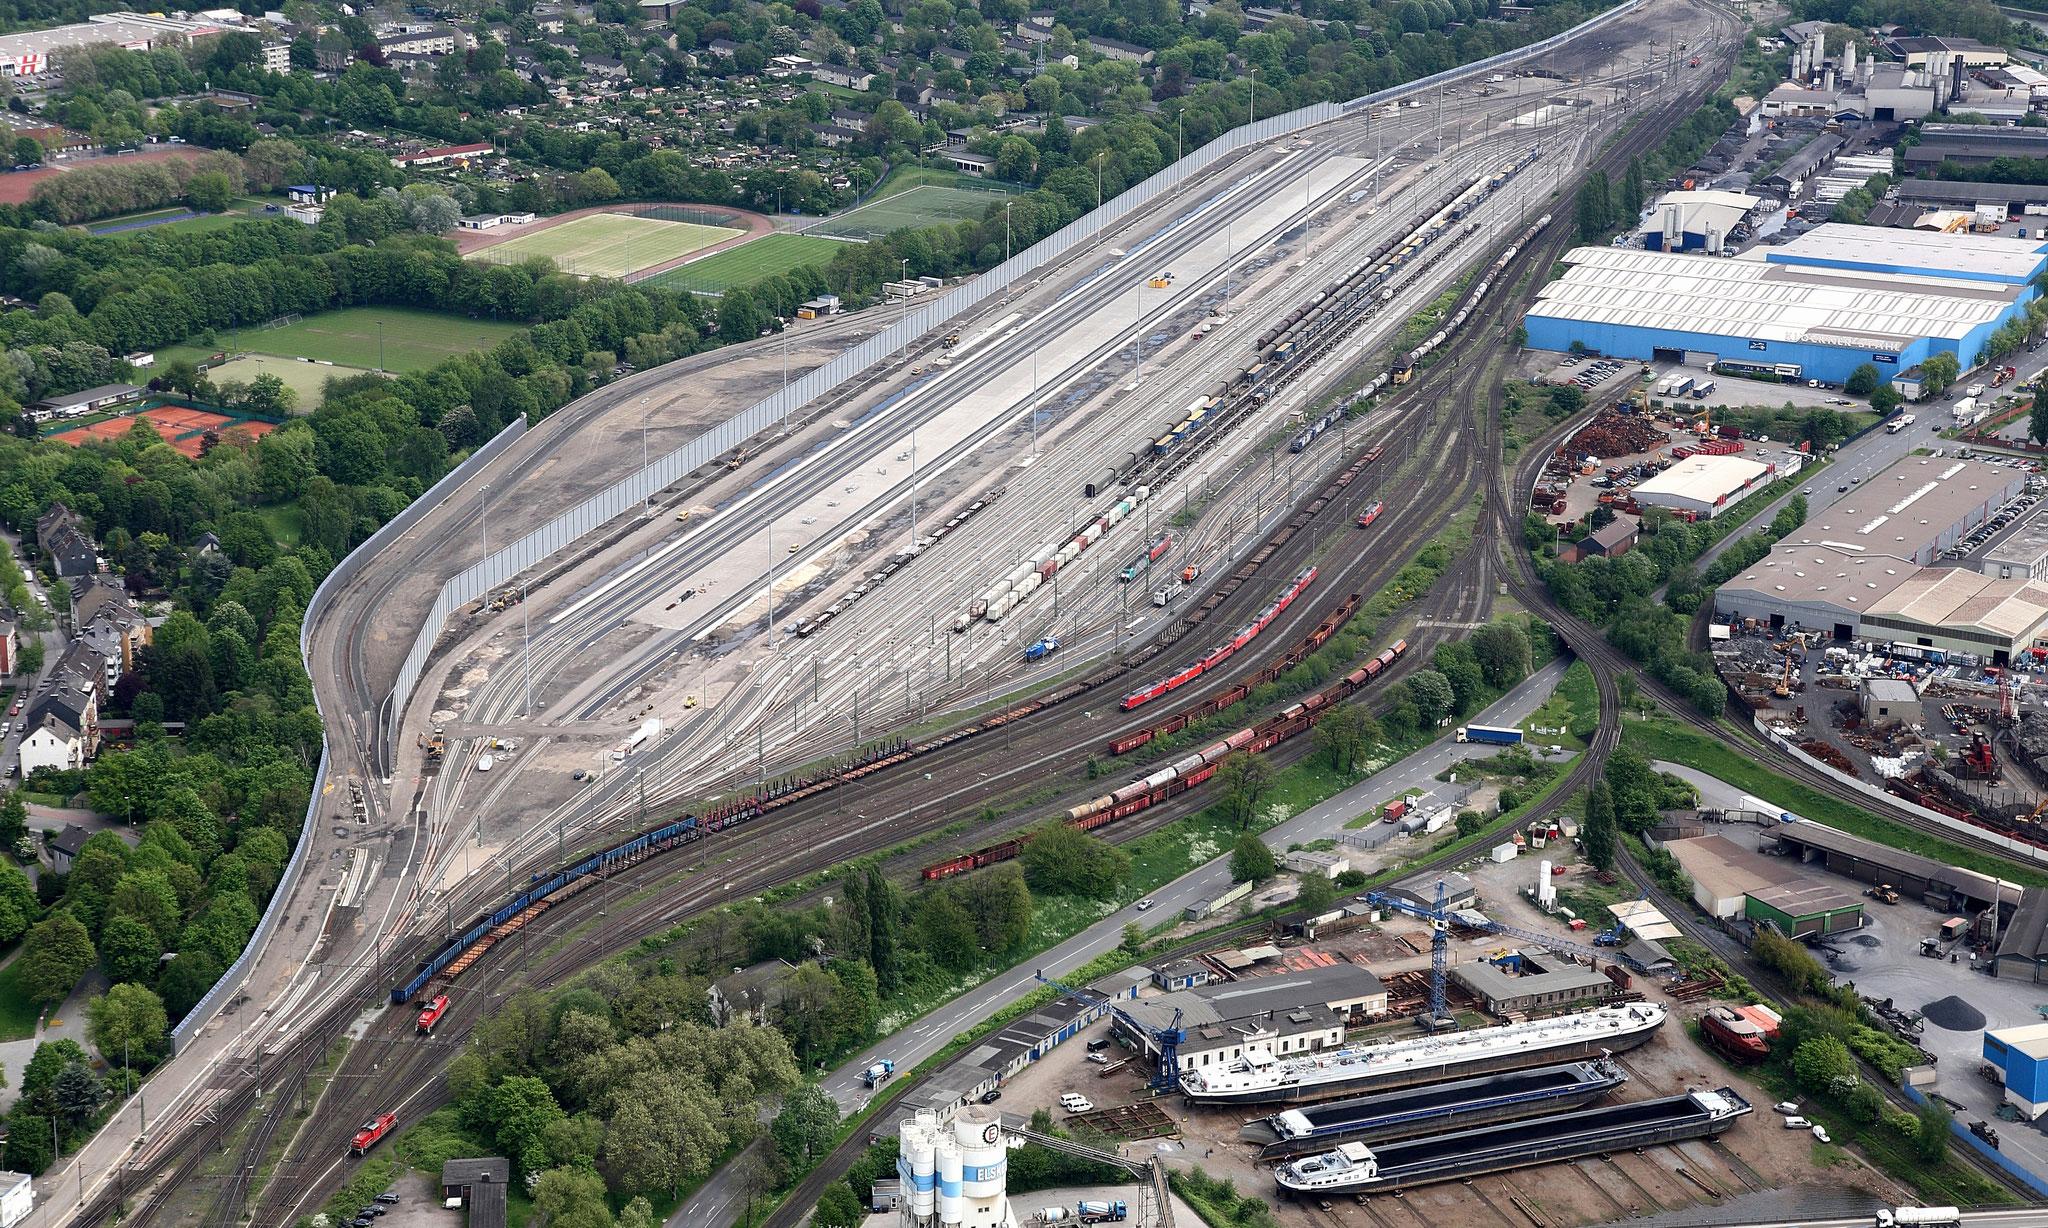 Neubau Zugbildungsanlage und Neubau KV-Drehscheibe im Bahnhof Duisburg-Ruhrort Hafen